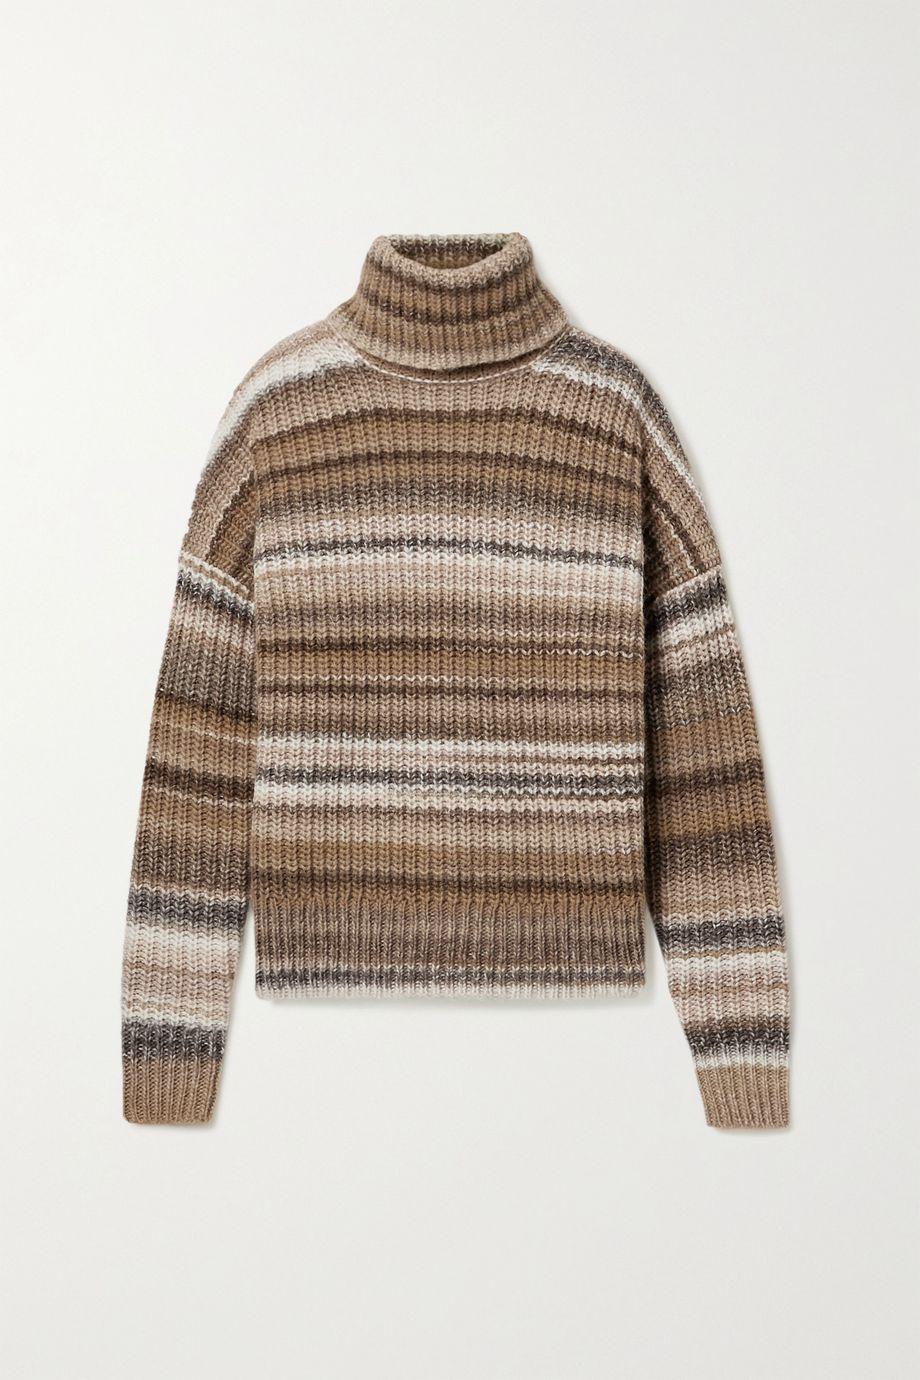 Altuzarra Kelley oversized striped wool-blend turtleneck sweater